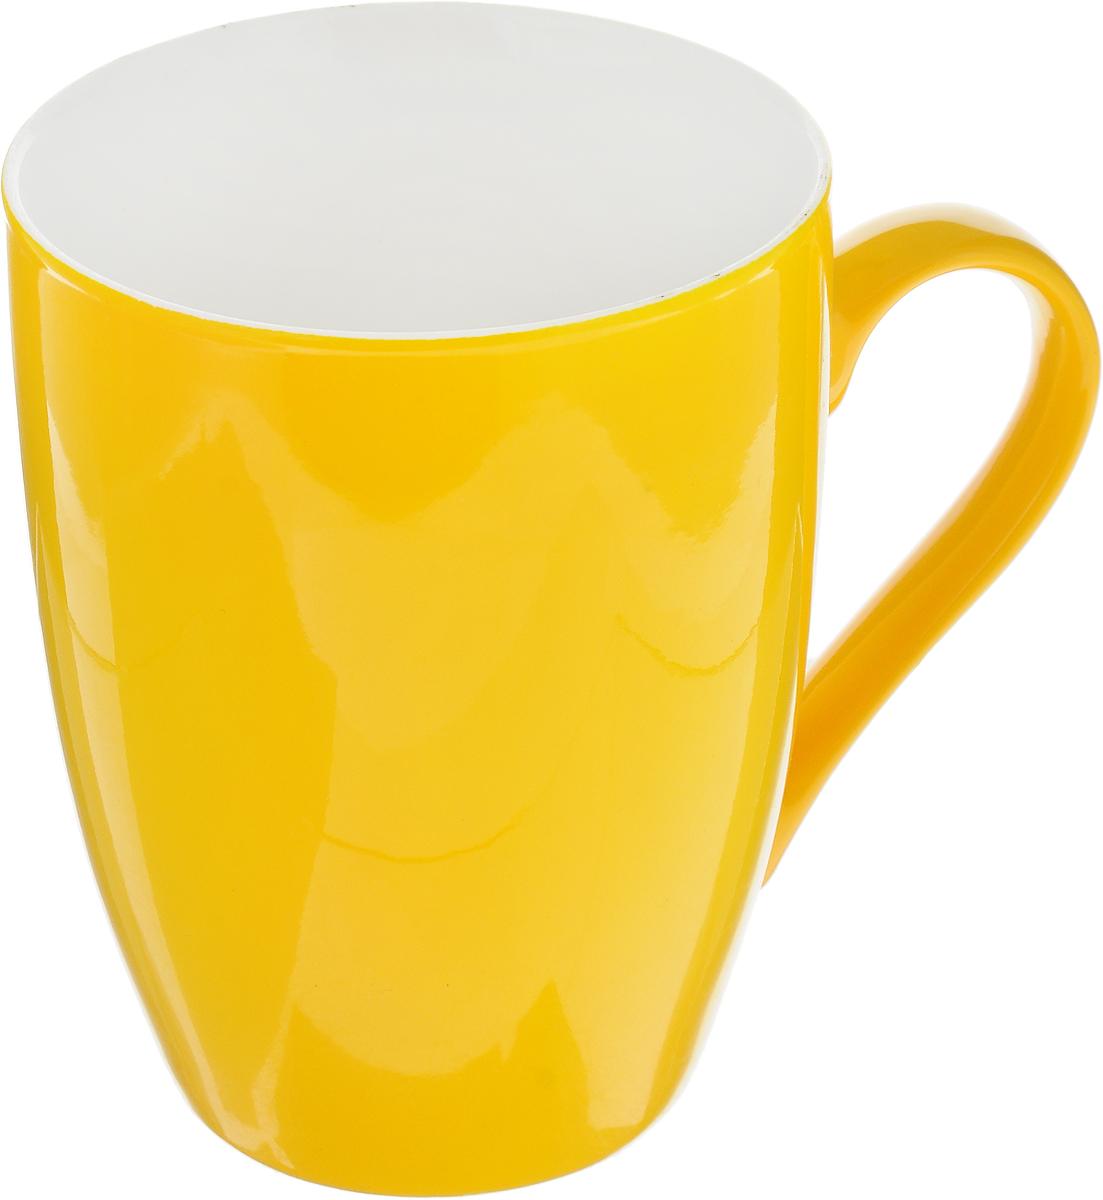 Кружка Доляна Радуга, цвет: желтый, белый, 300 мл кружка printio радуга